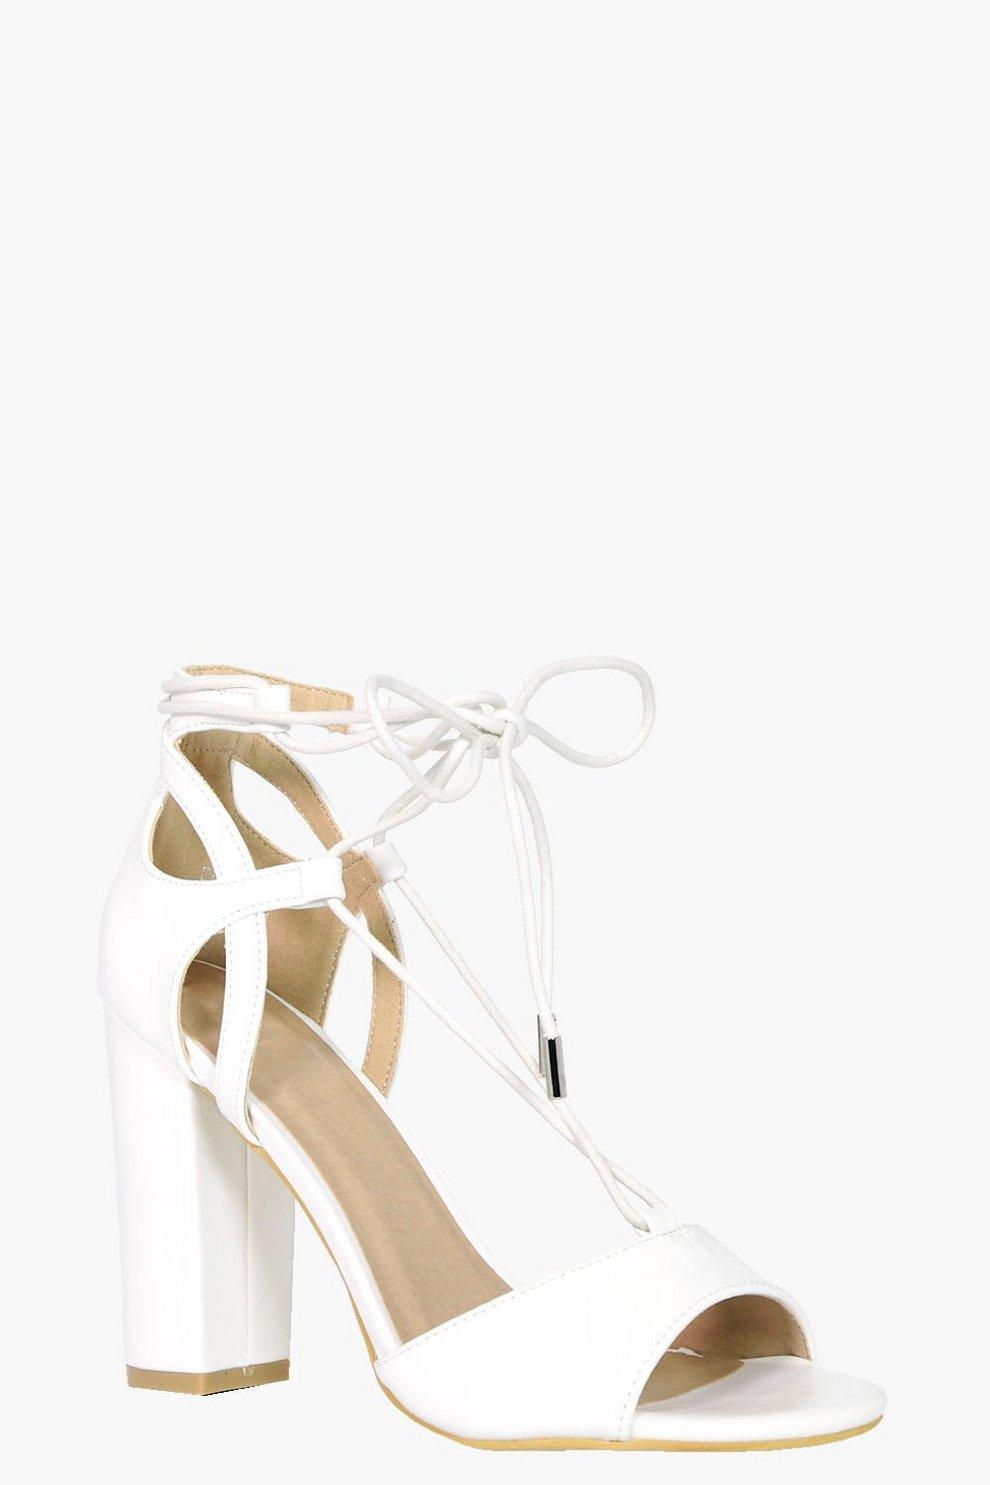 quality design ae339 4567c melissa scarpe con tacco largo e fascette incrociate alla ...